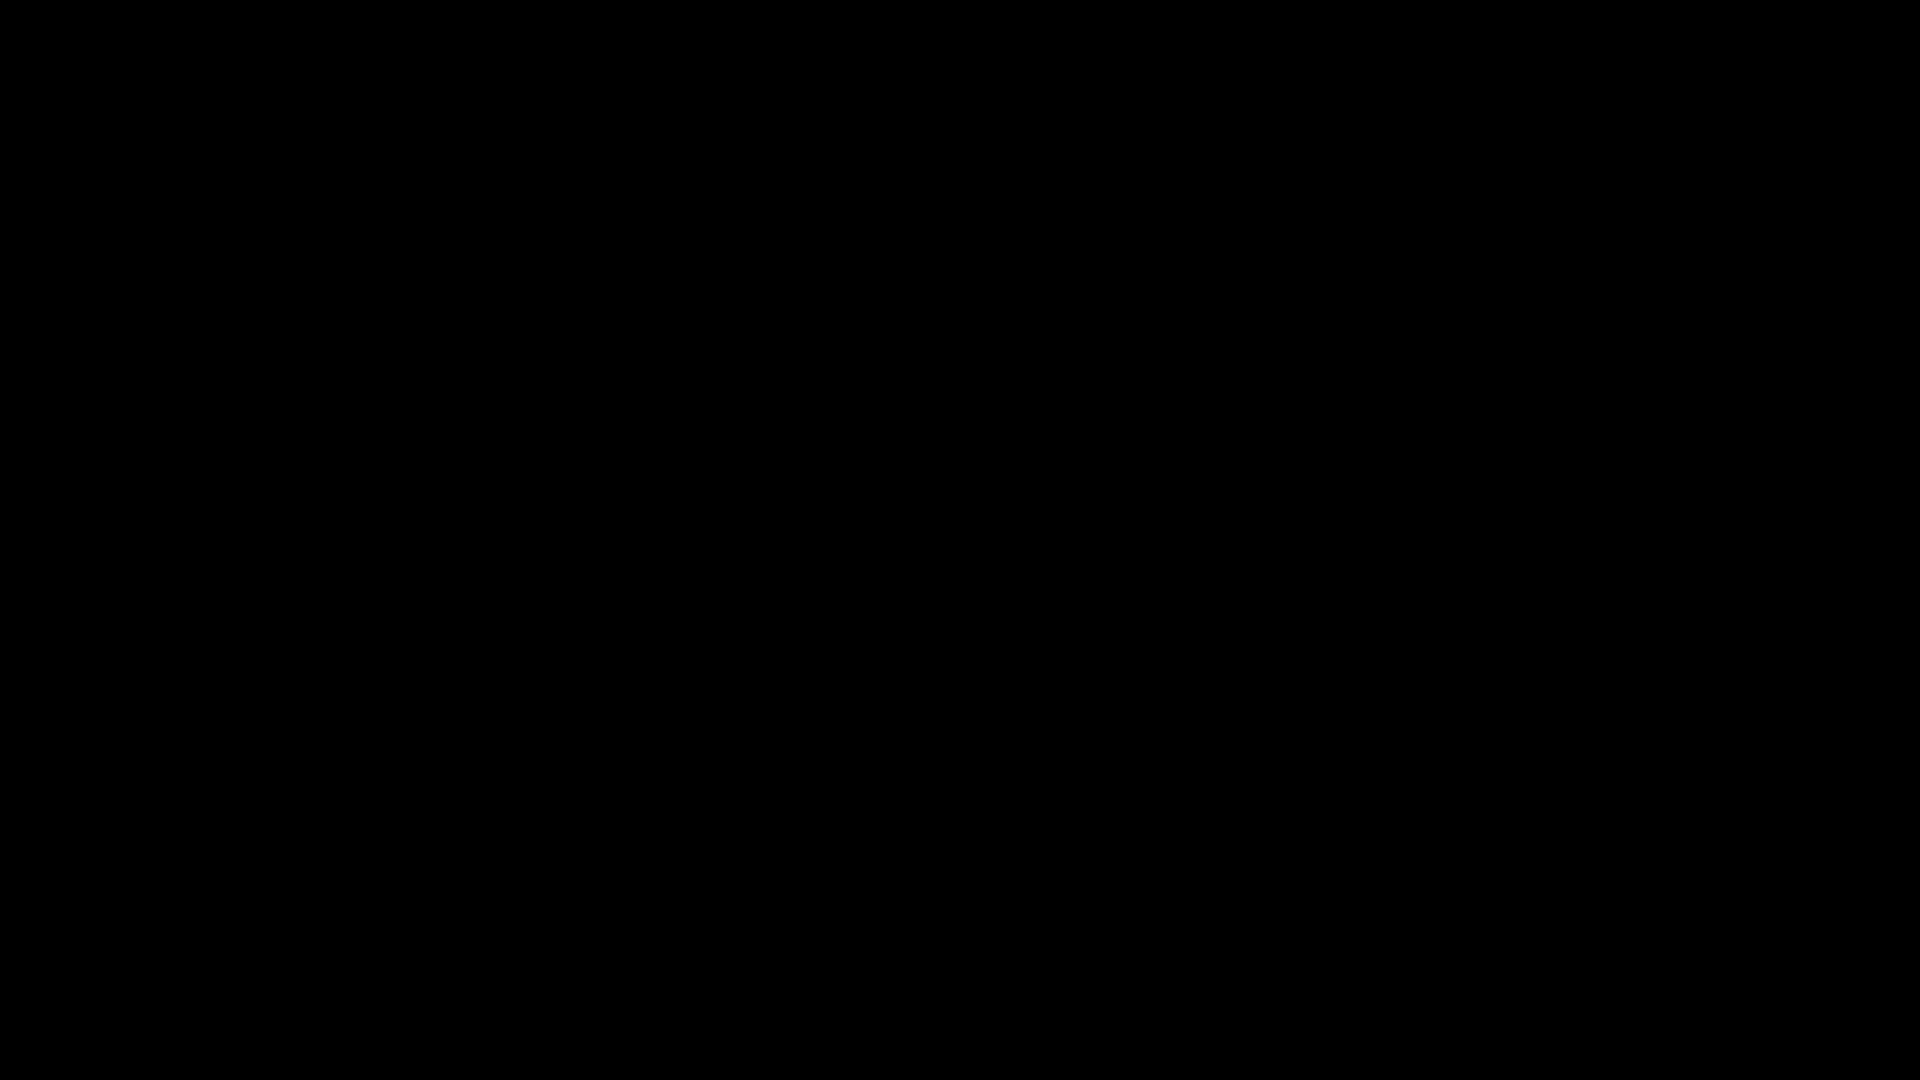 ぎゃんかわ男子のはれんちオナニー vol.09 ゲイのオナニー映像   男祭り  86枚 23